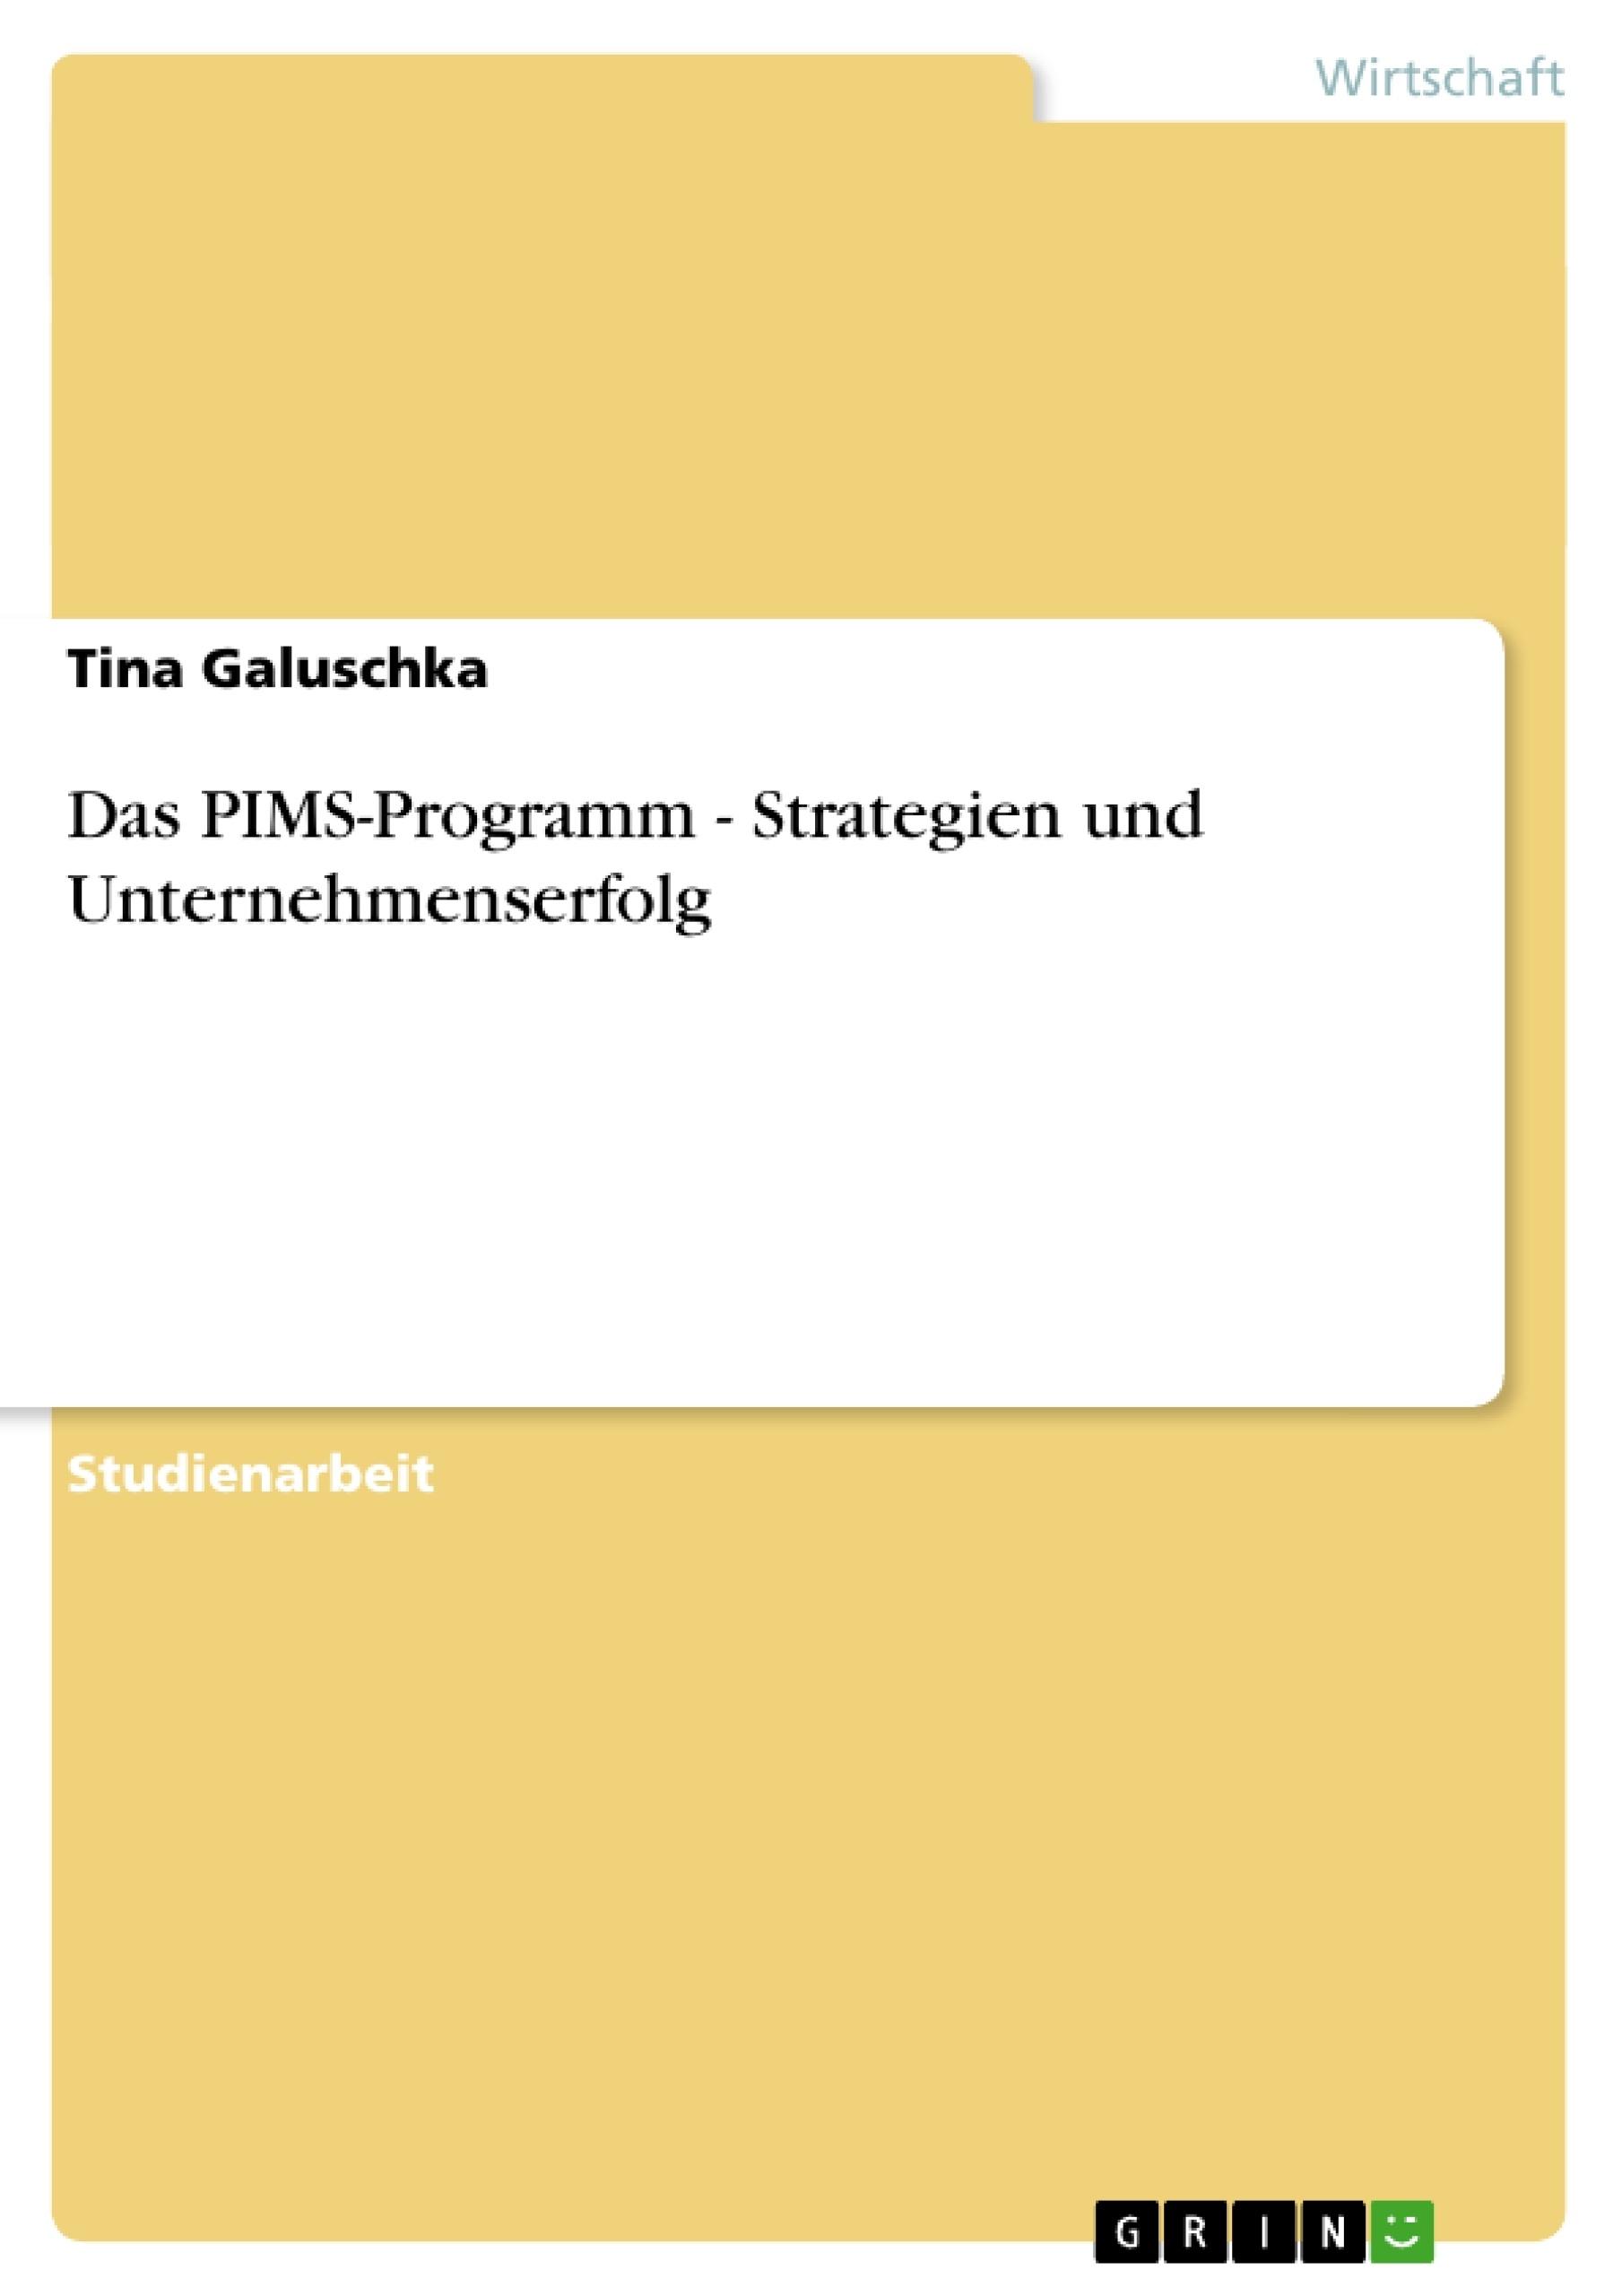 Titel: Das PIMS-Programm - Strategien und Unternehmenserfolg